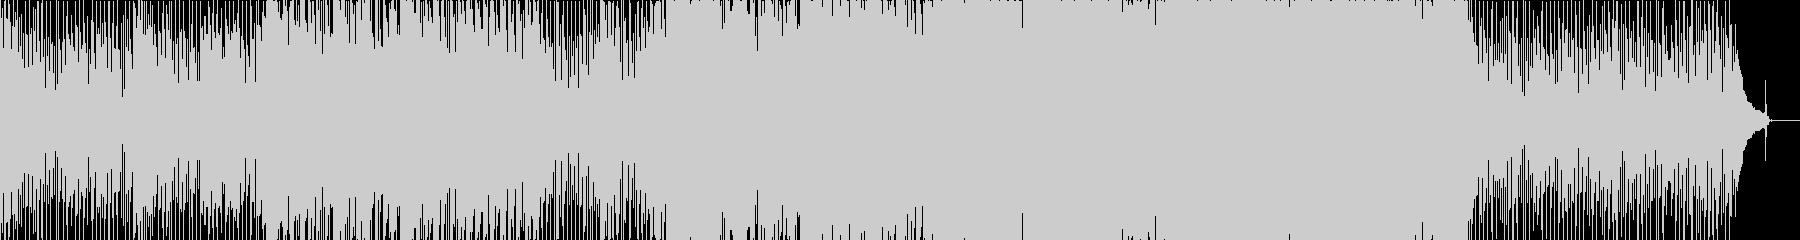 ポップ ロック アンビエント コー...の未再生の波形